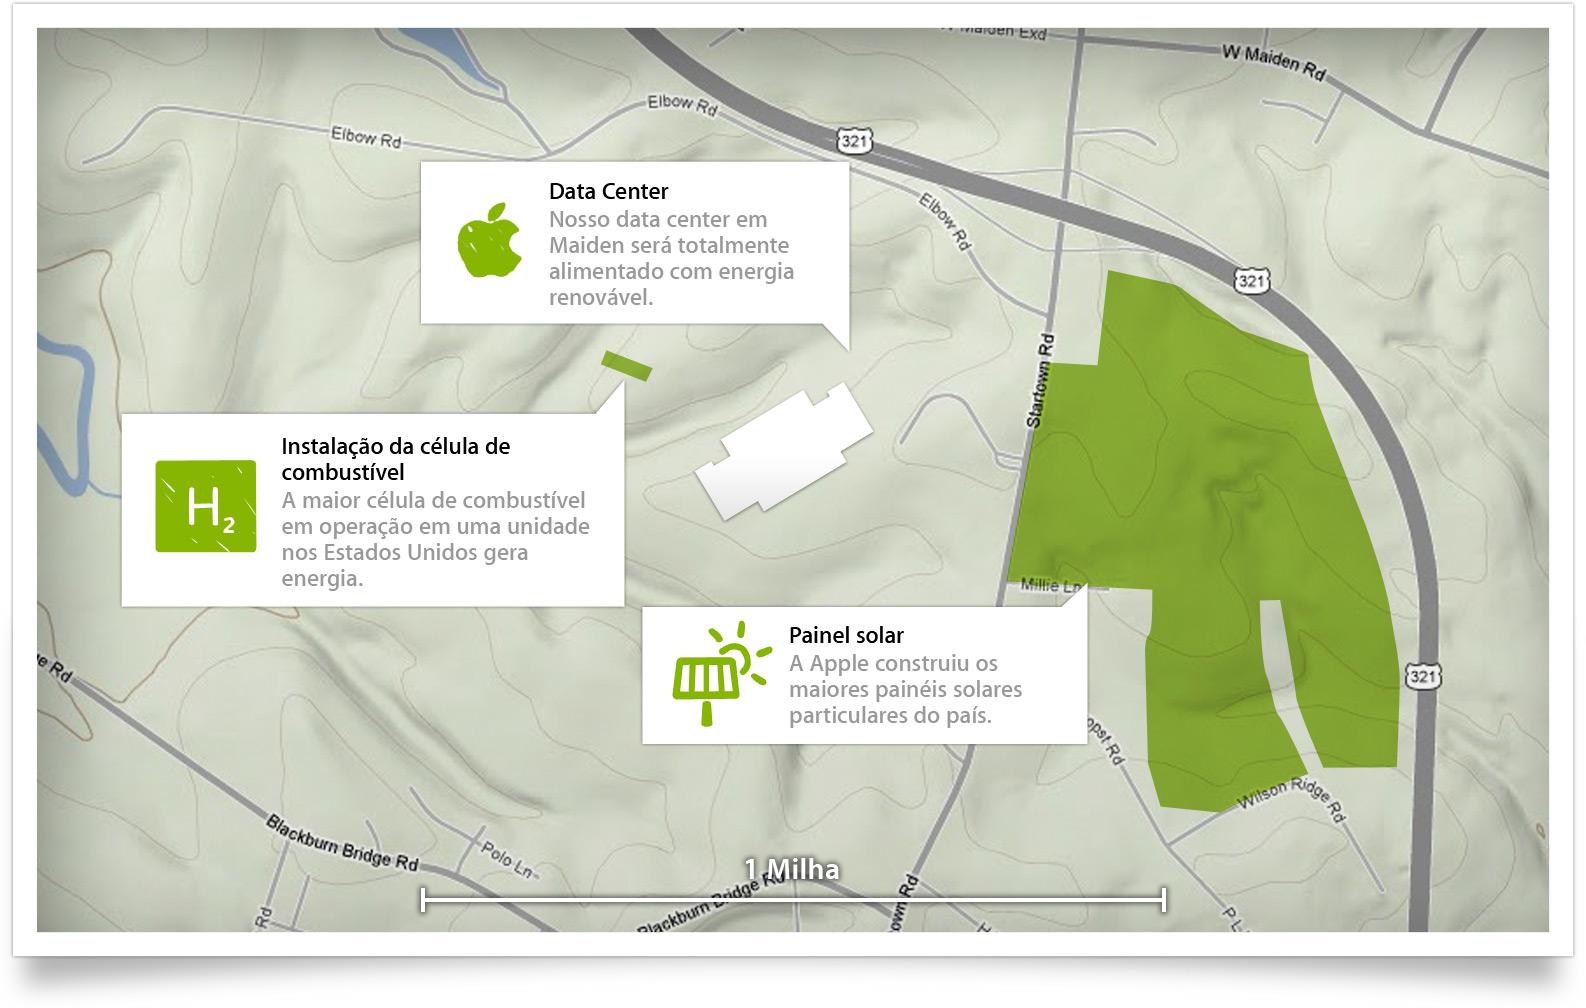 Data center da Apple em Maiden